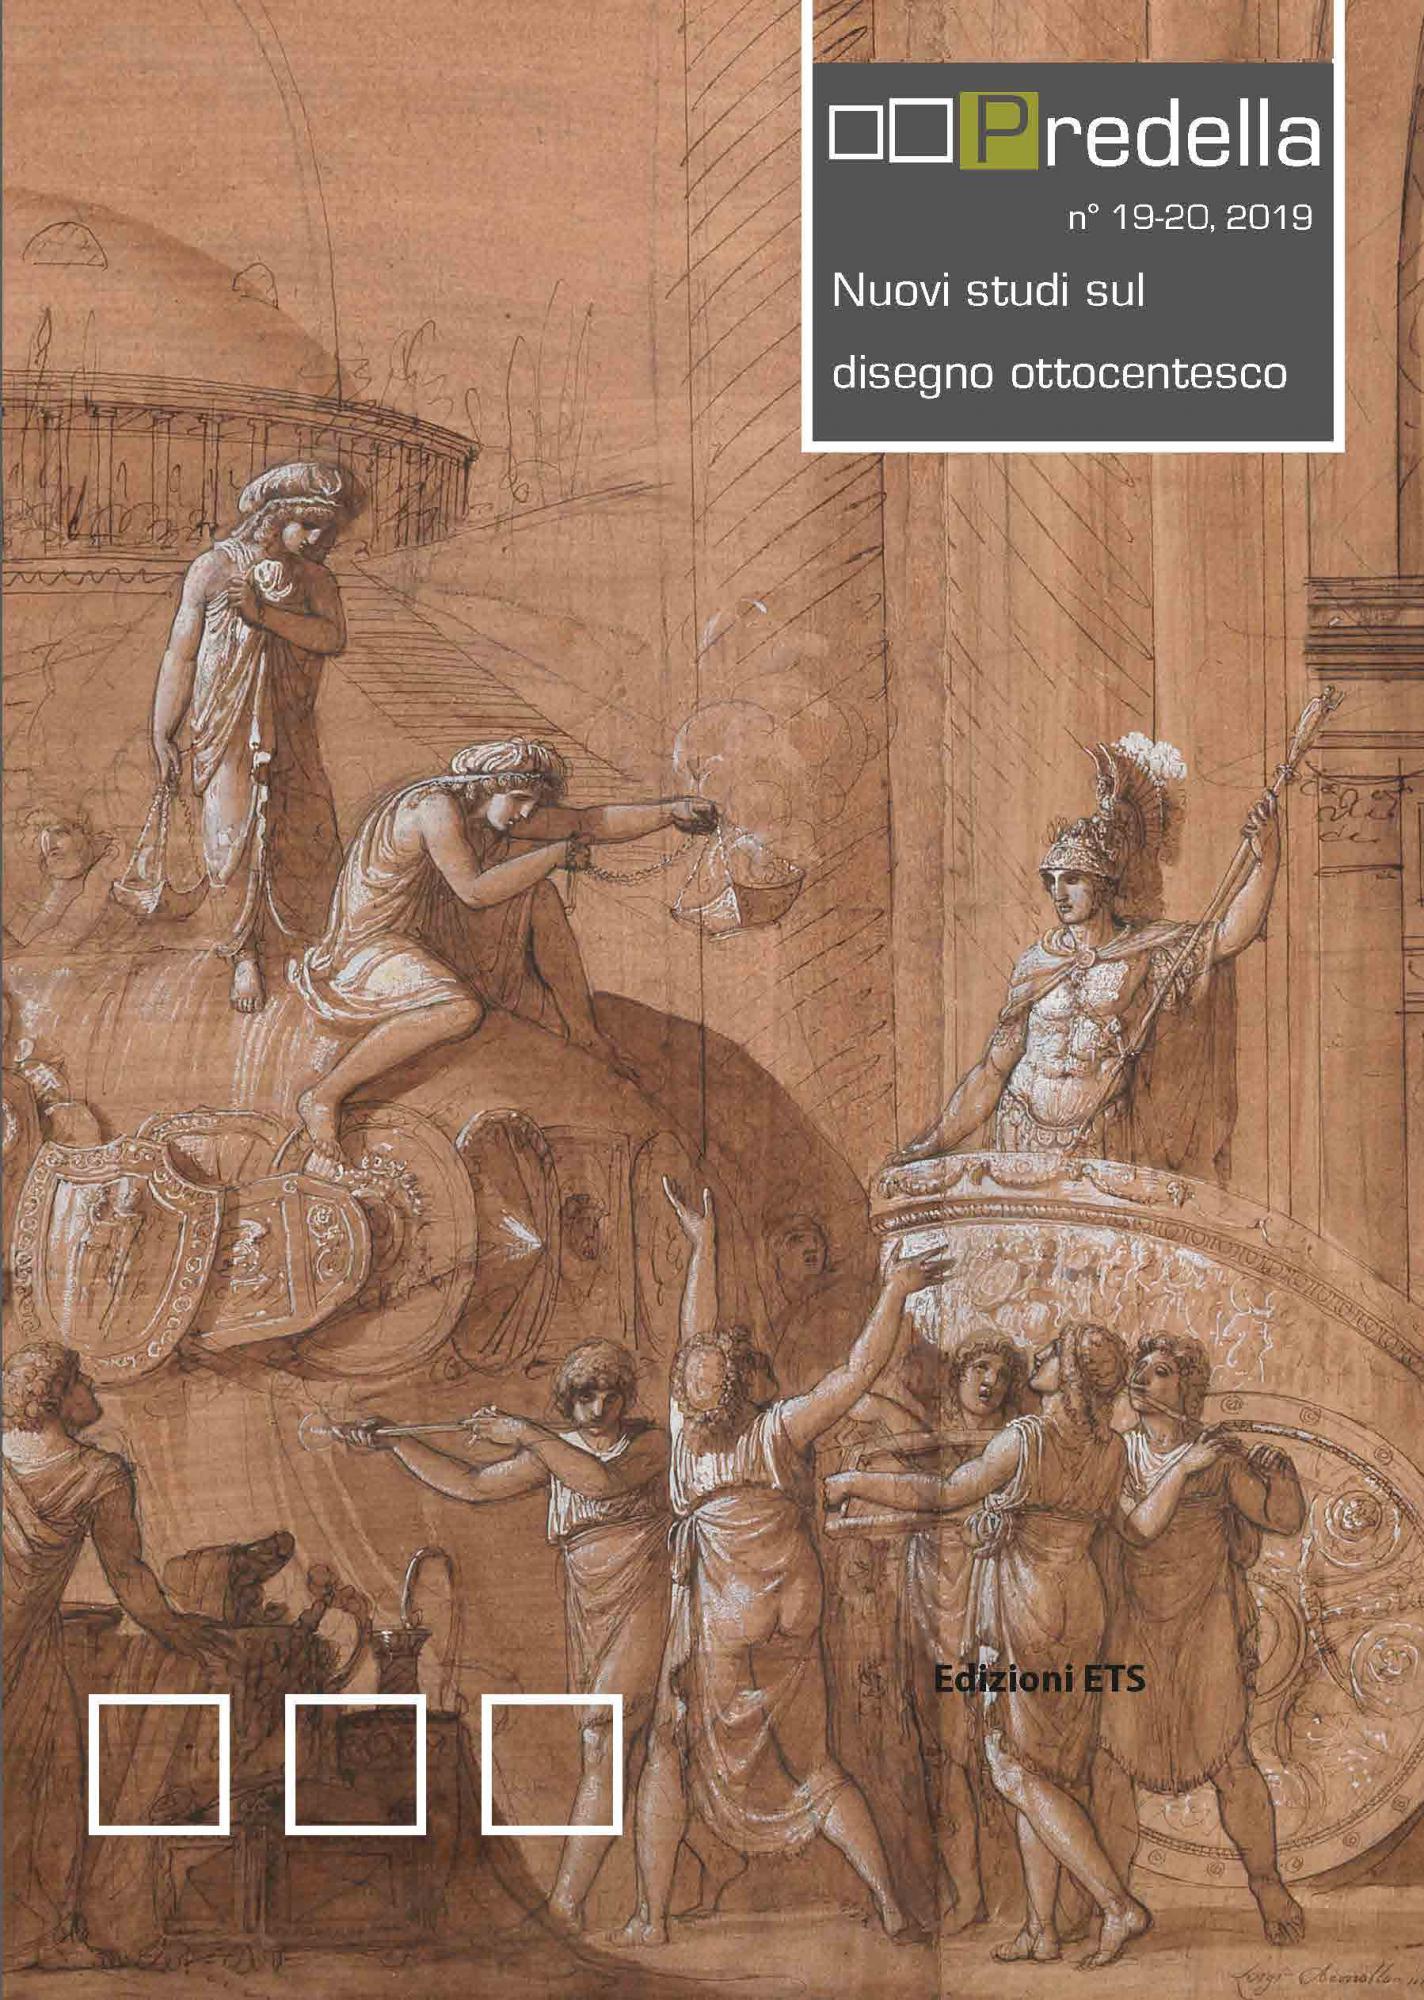 Predella 19-20, 2019.Nuovi studi sul disegno ottocentesco